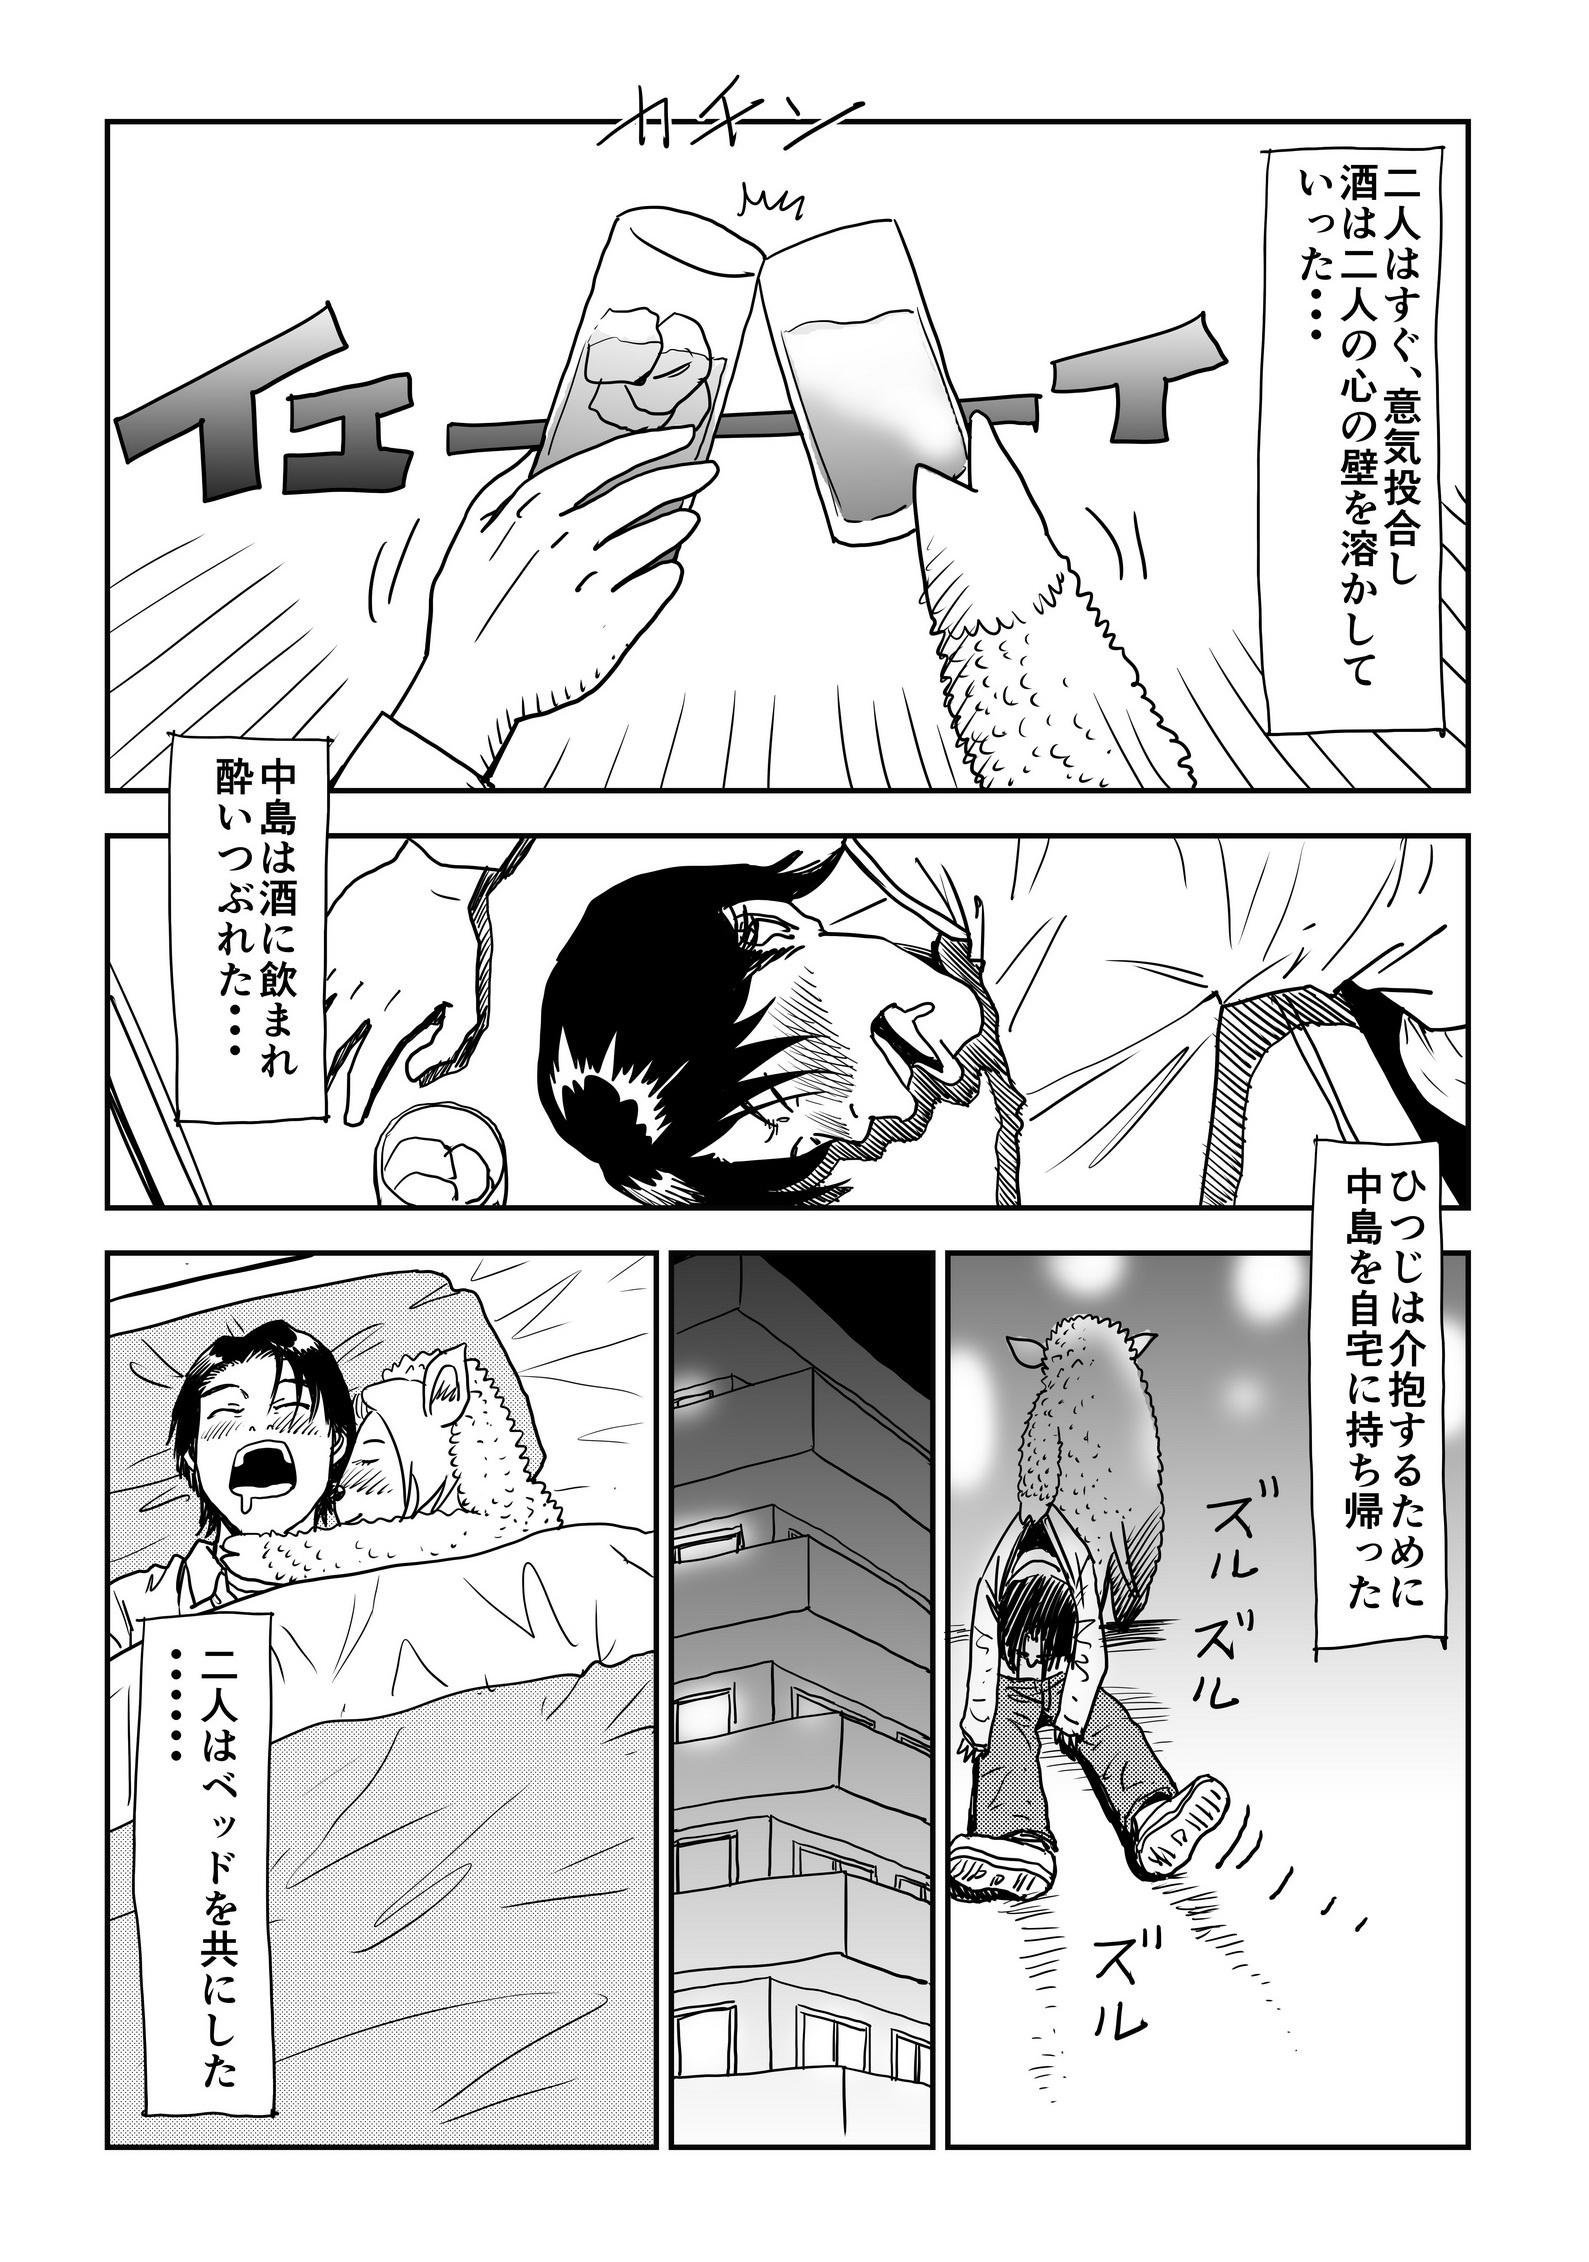 マンガ中島裕翔と吉田羊p02